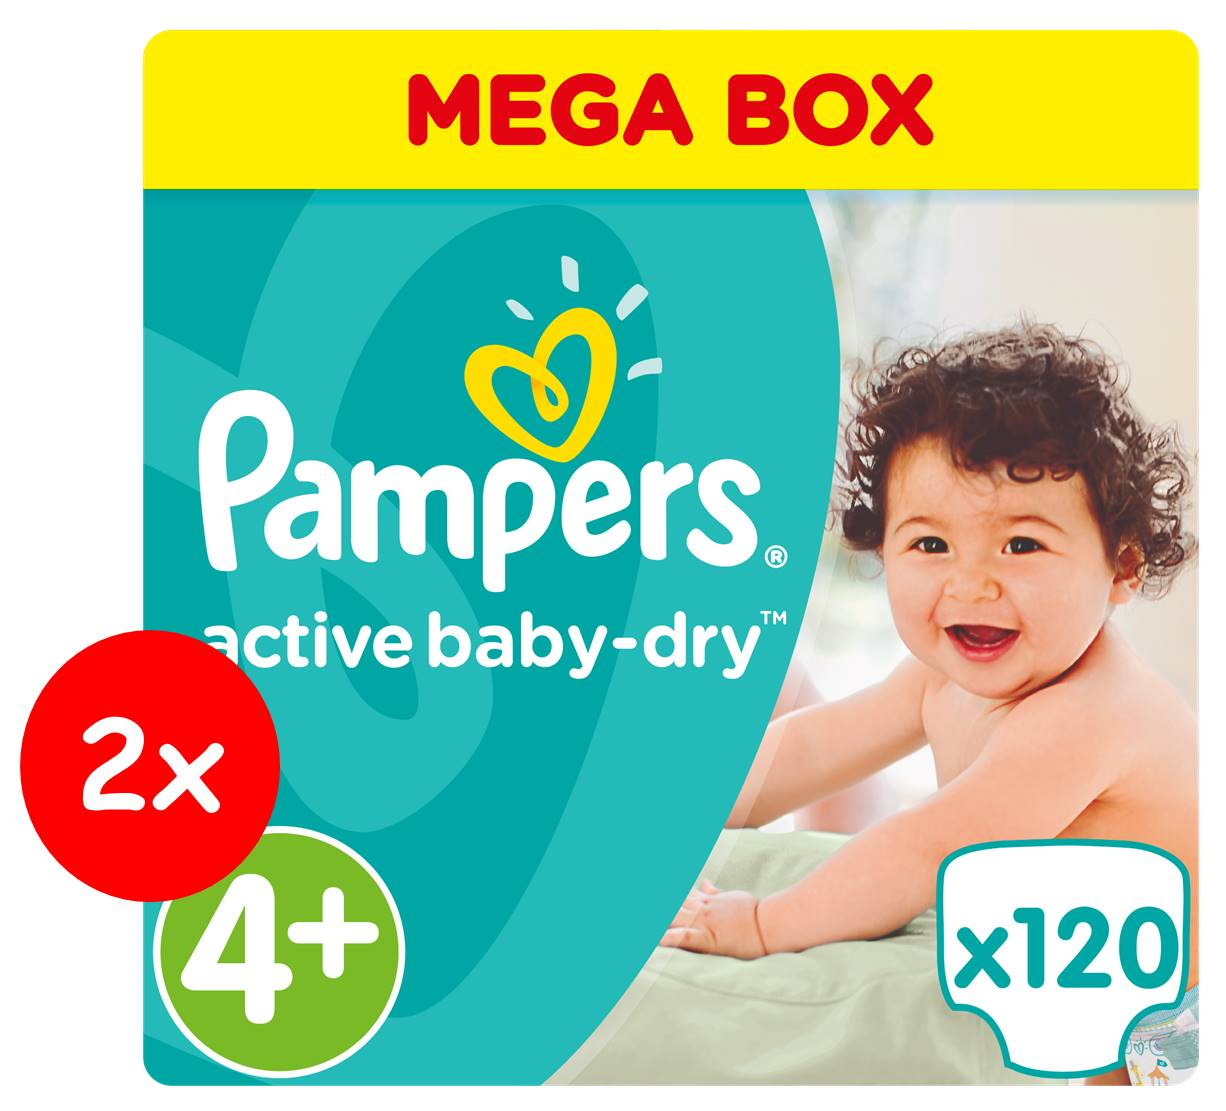 Πάνες Pampers Active Baby Dry Νο 4+ Mega Box 2x120τμχ (9-16kg)